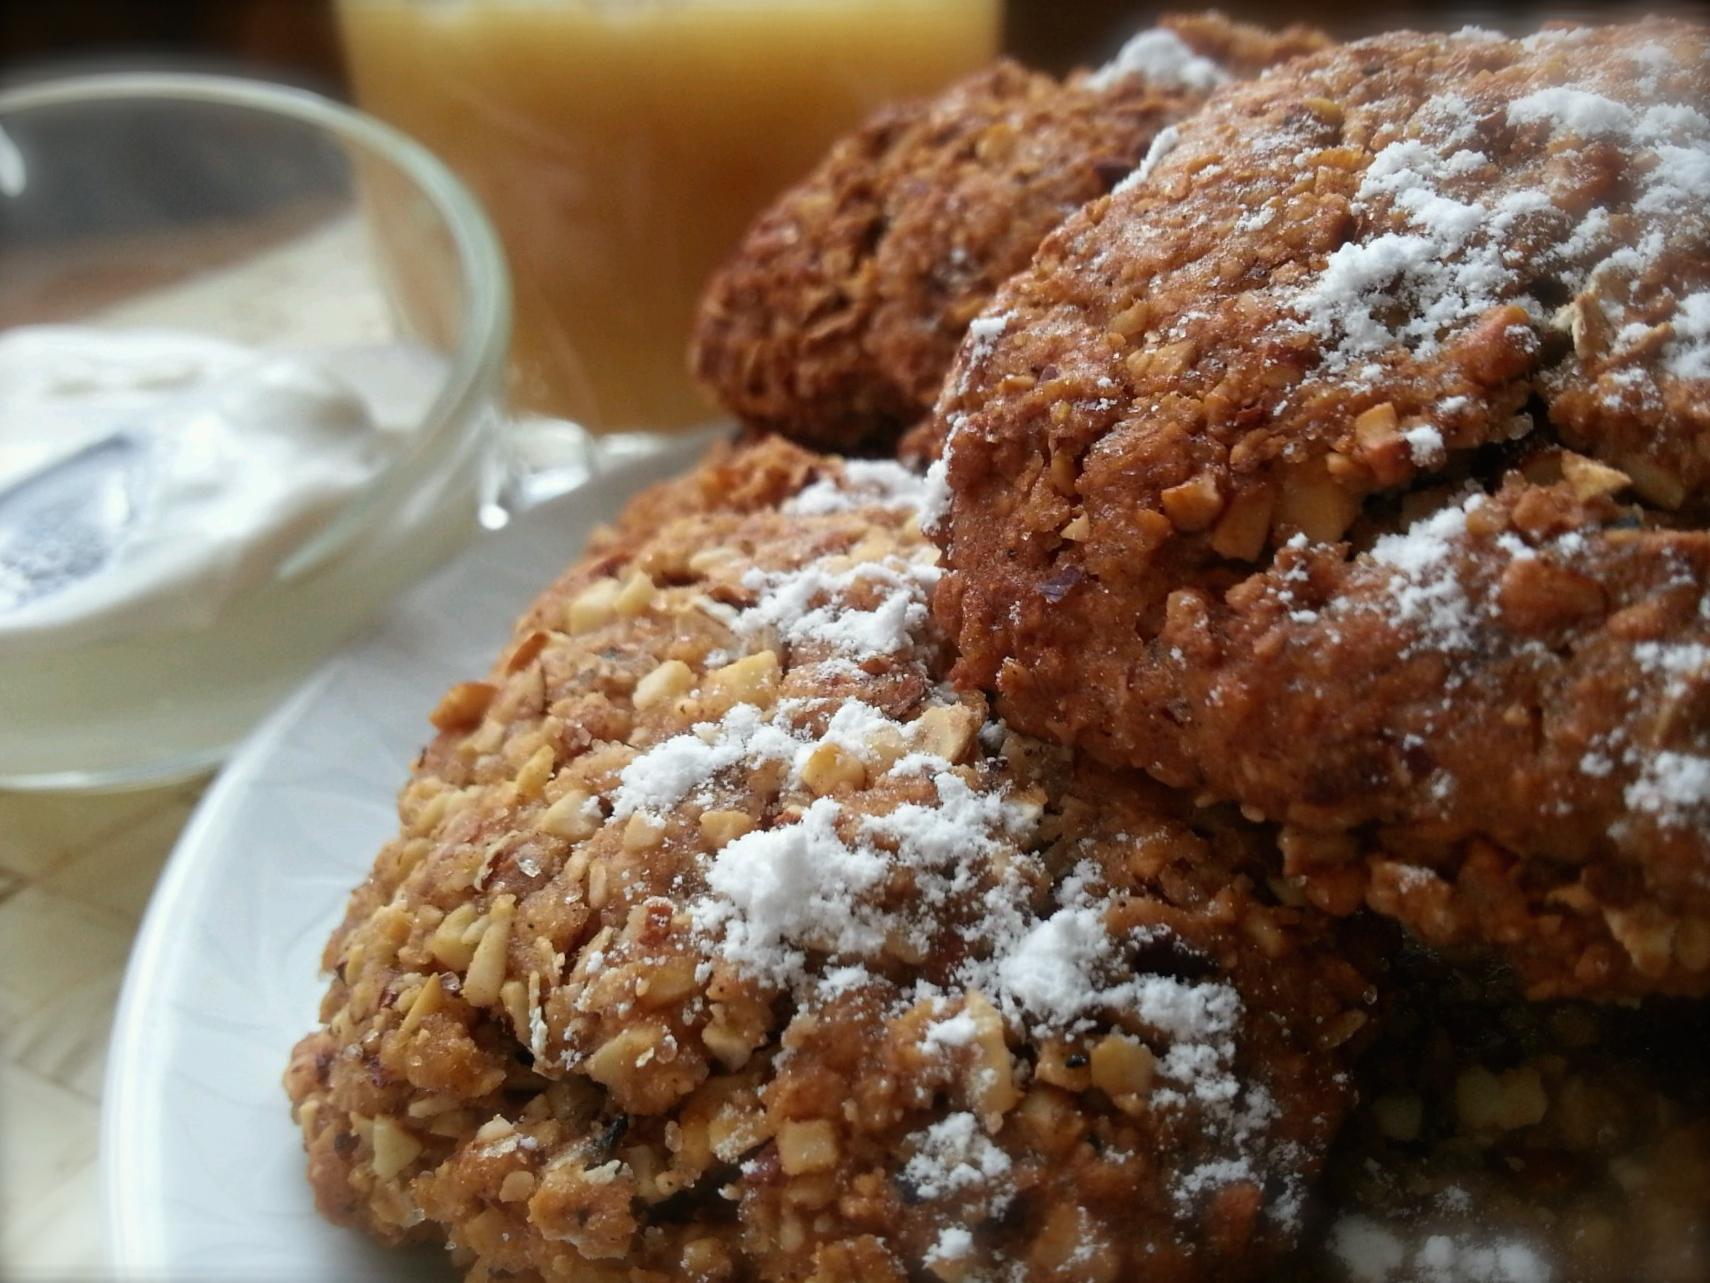 Вкусные рецепты приготовления блюд в домашних условиях от юлии высоцкой